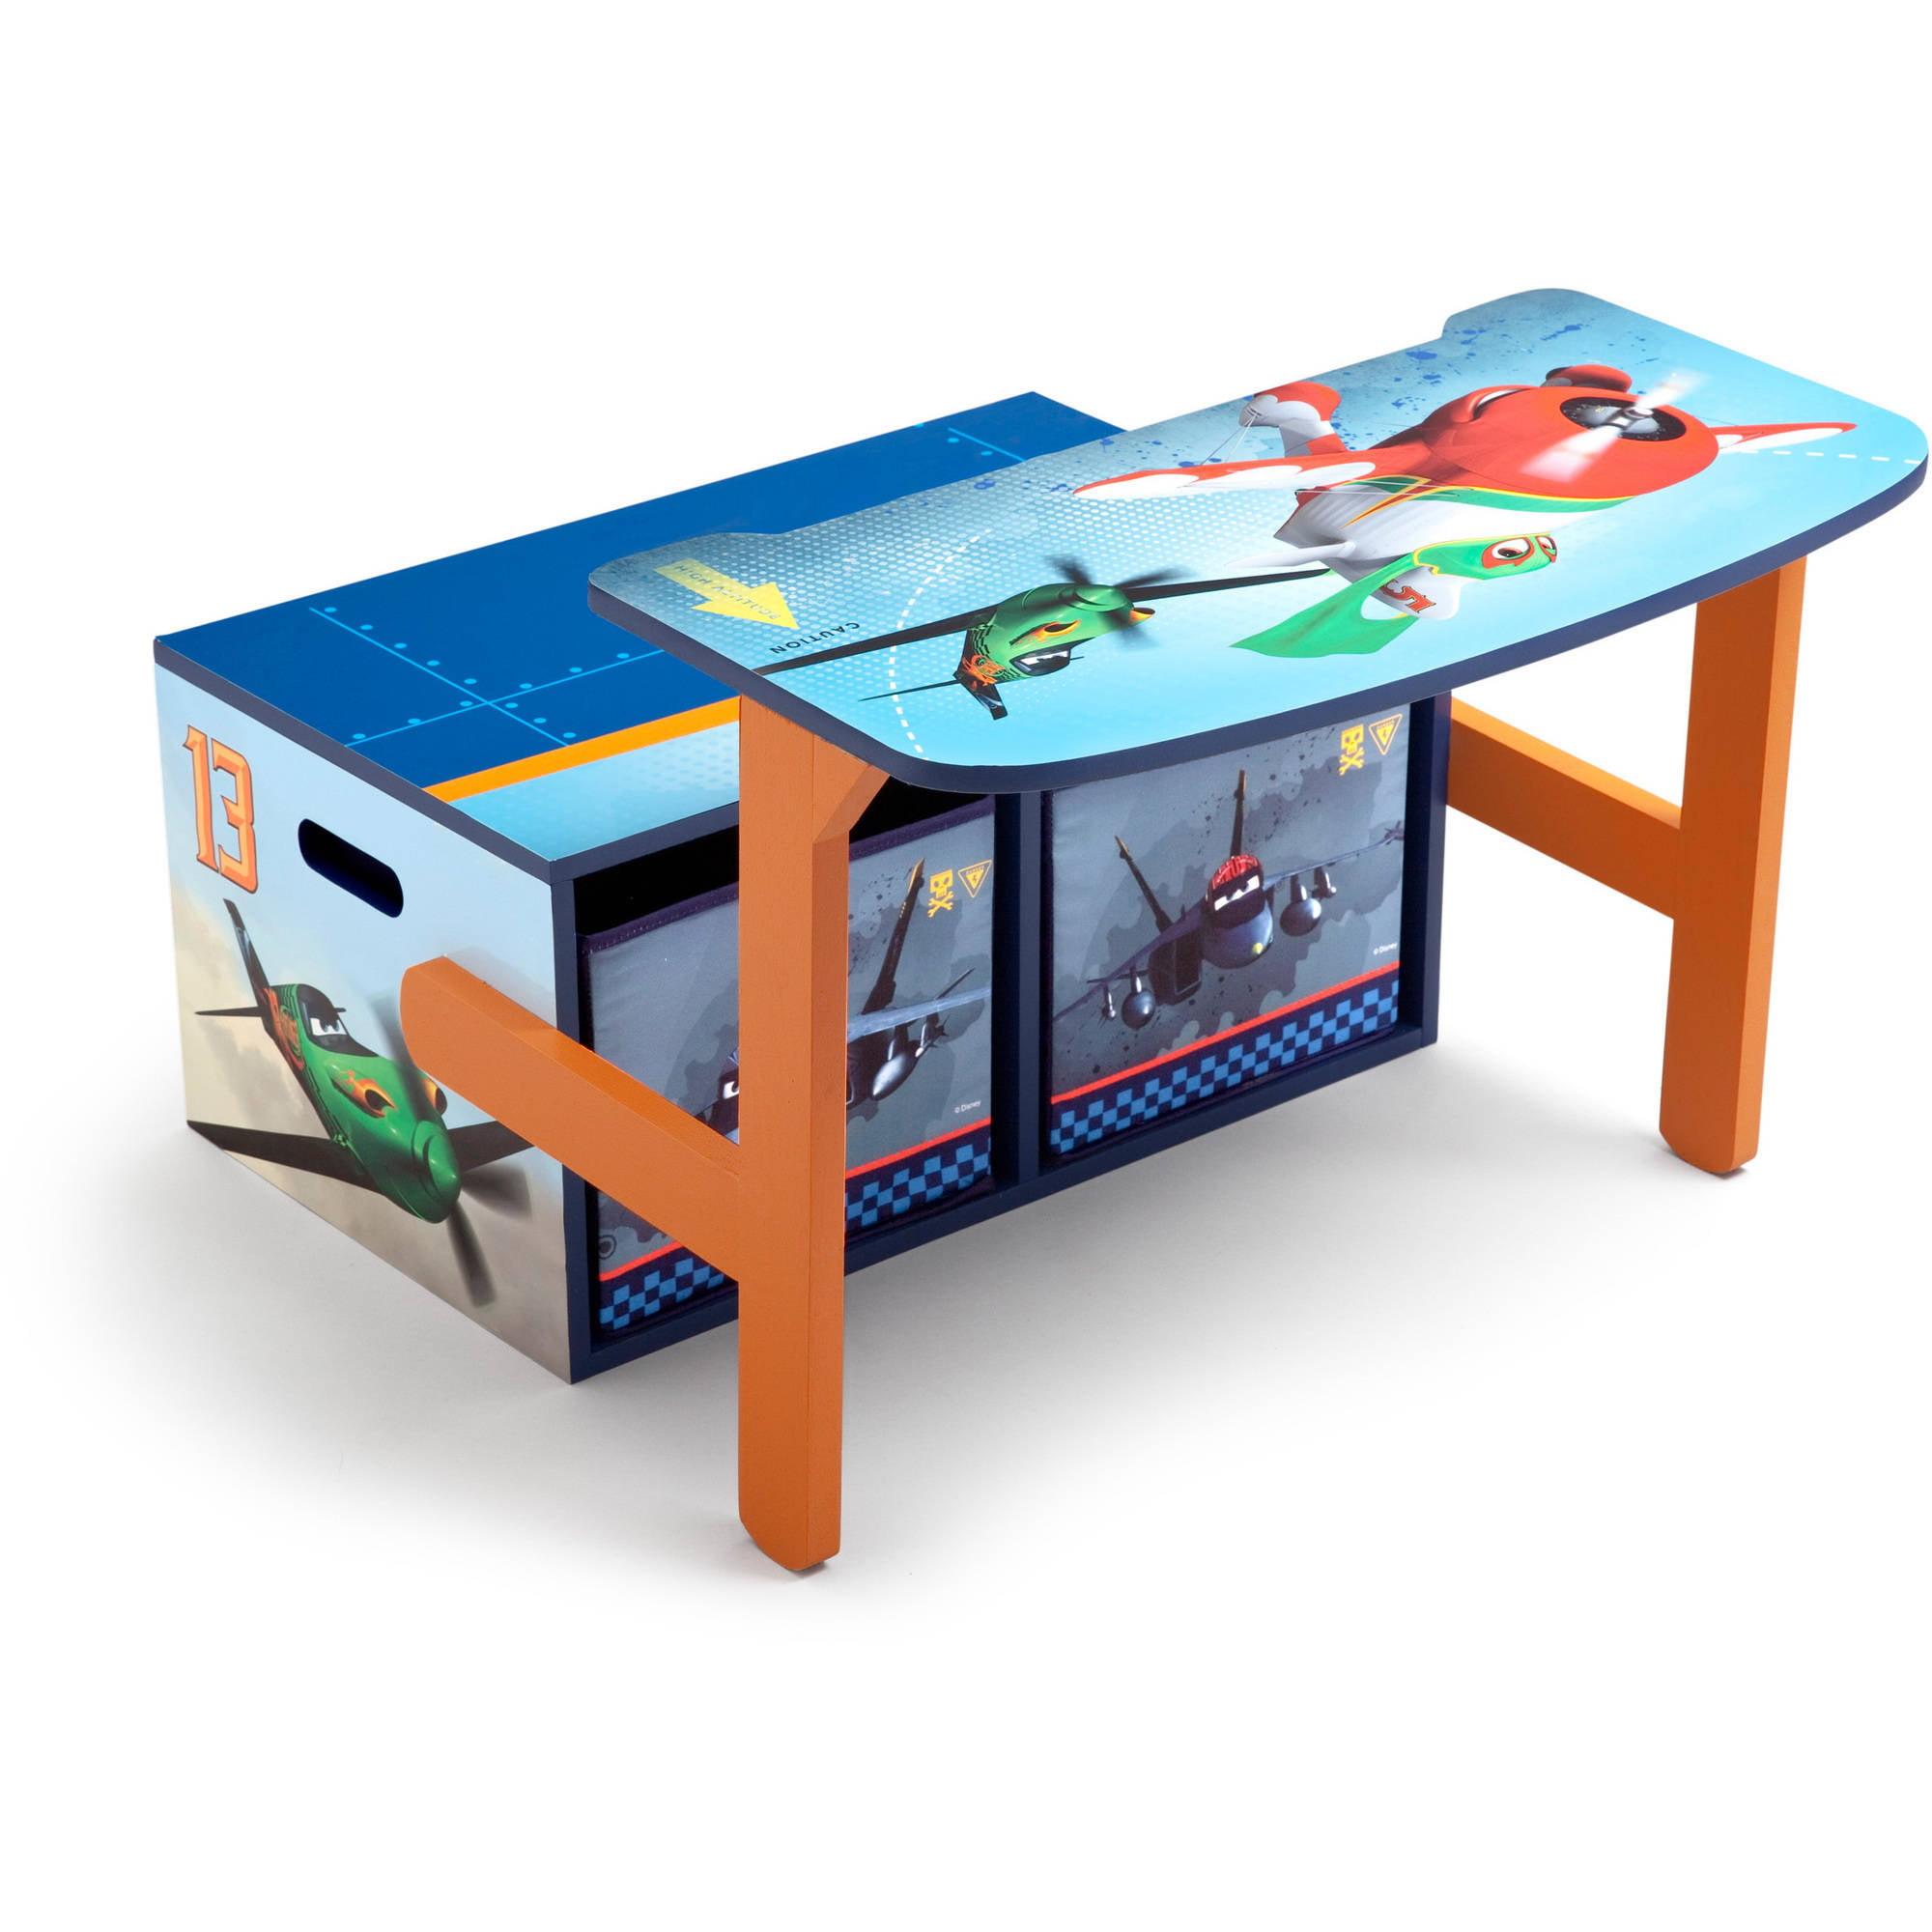 Toy Bench Storage Part - 46: Walmart.com